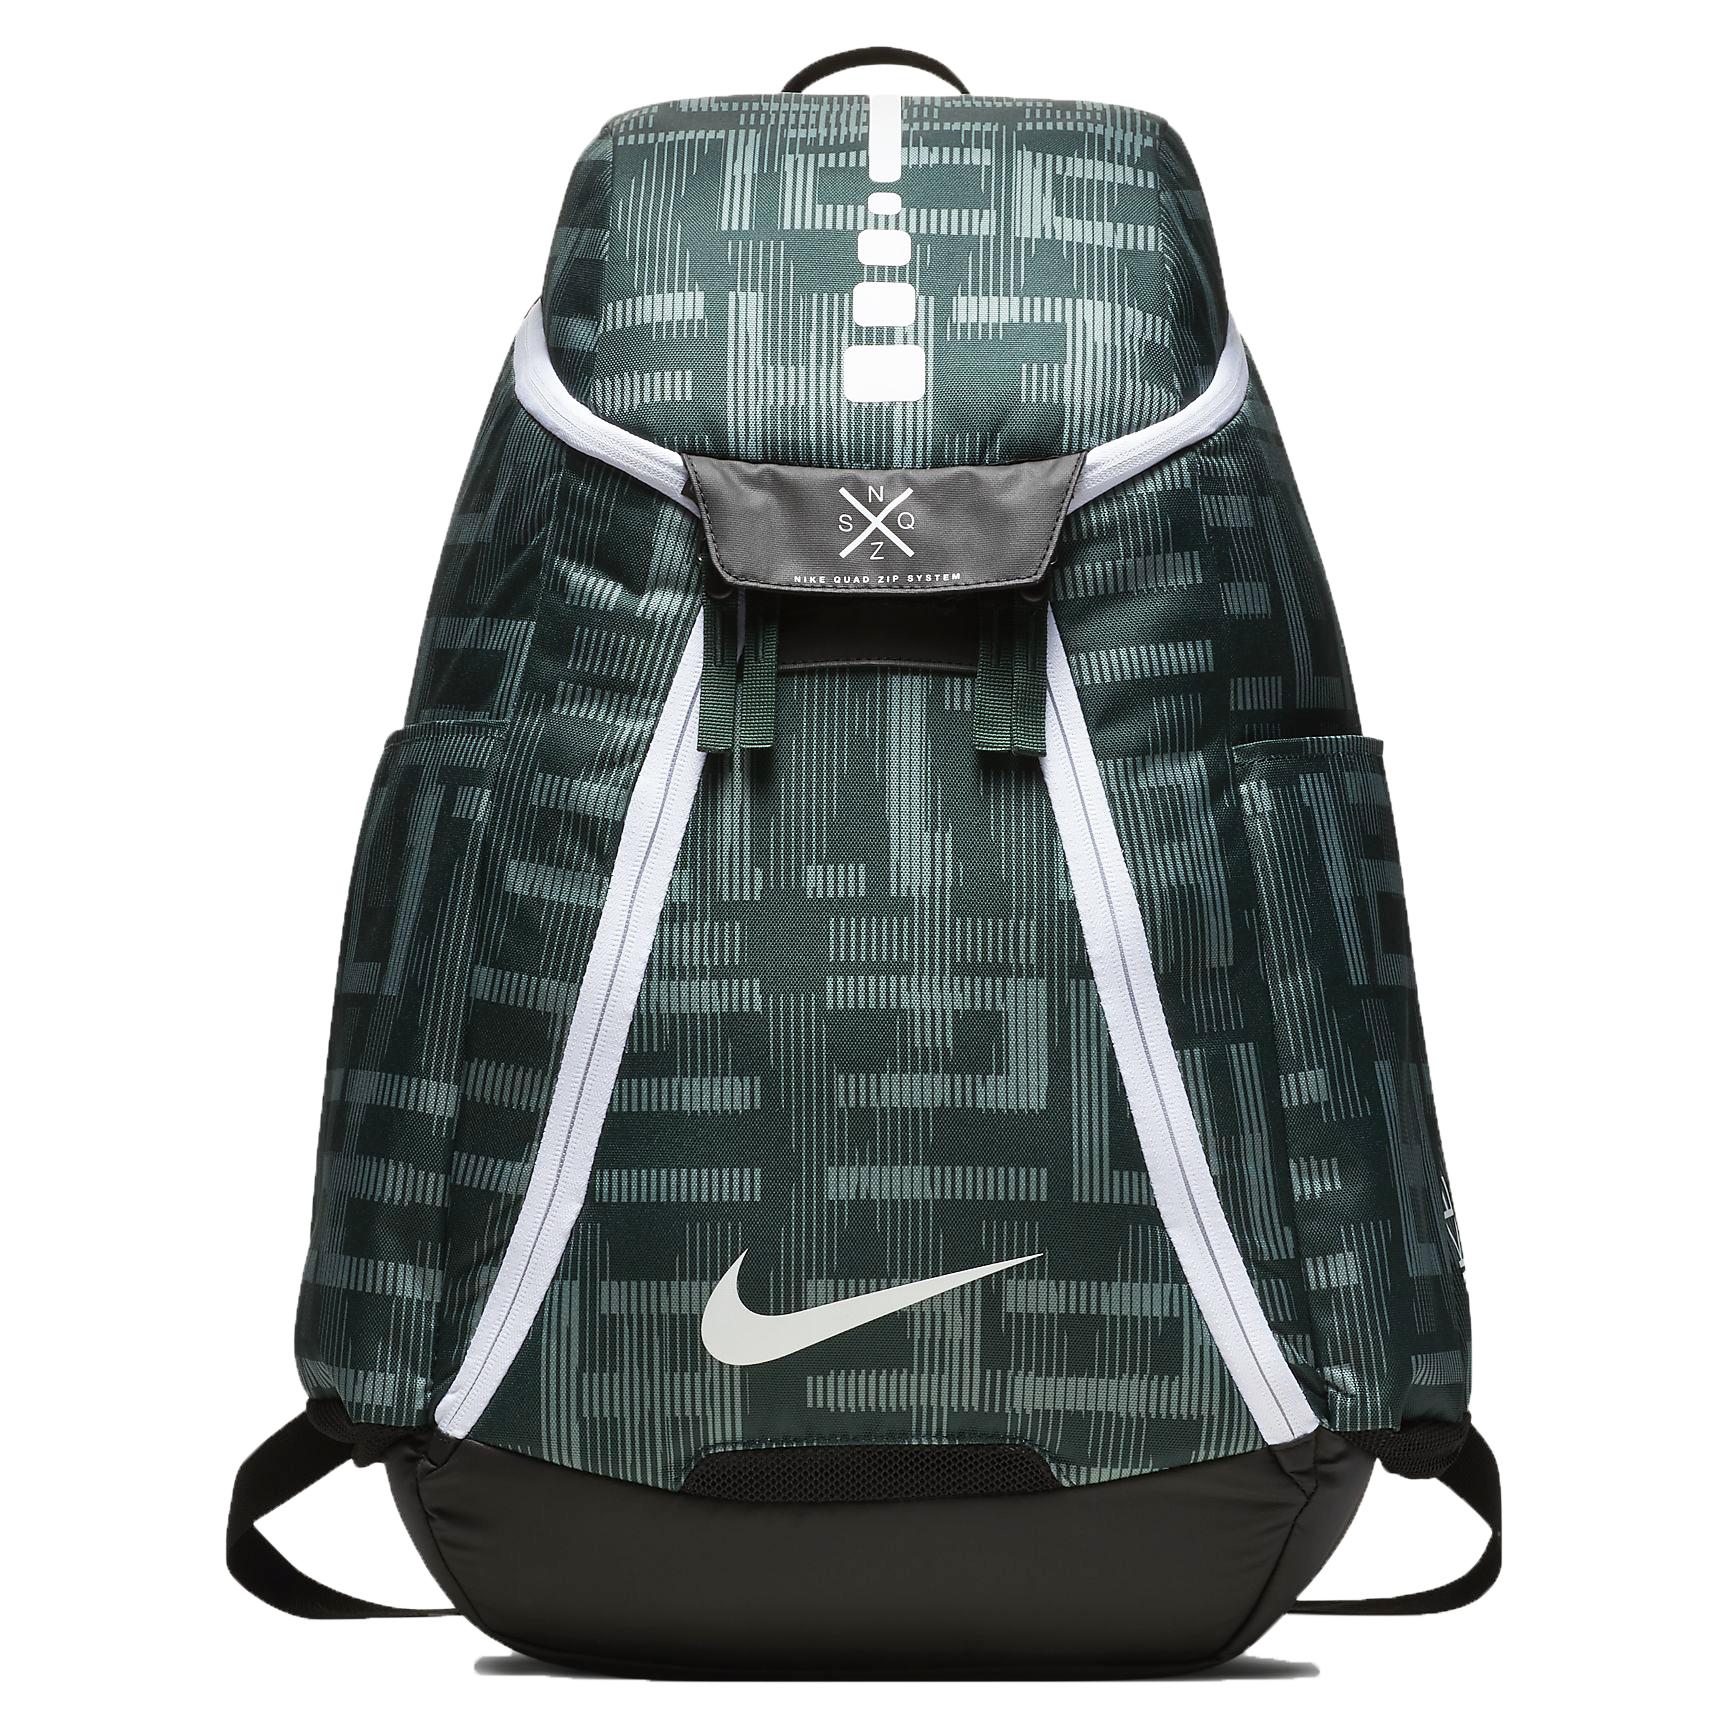 6b5094015e NIke Hoops Elite Max Air Basketball Backpack (397)